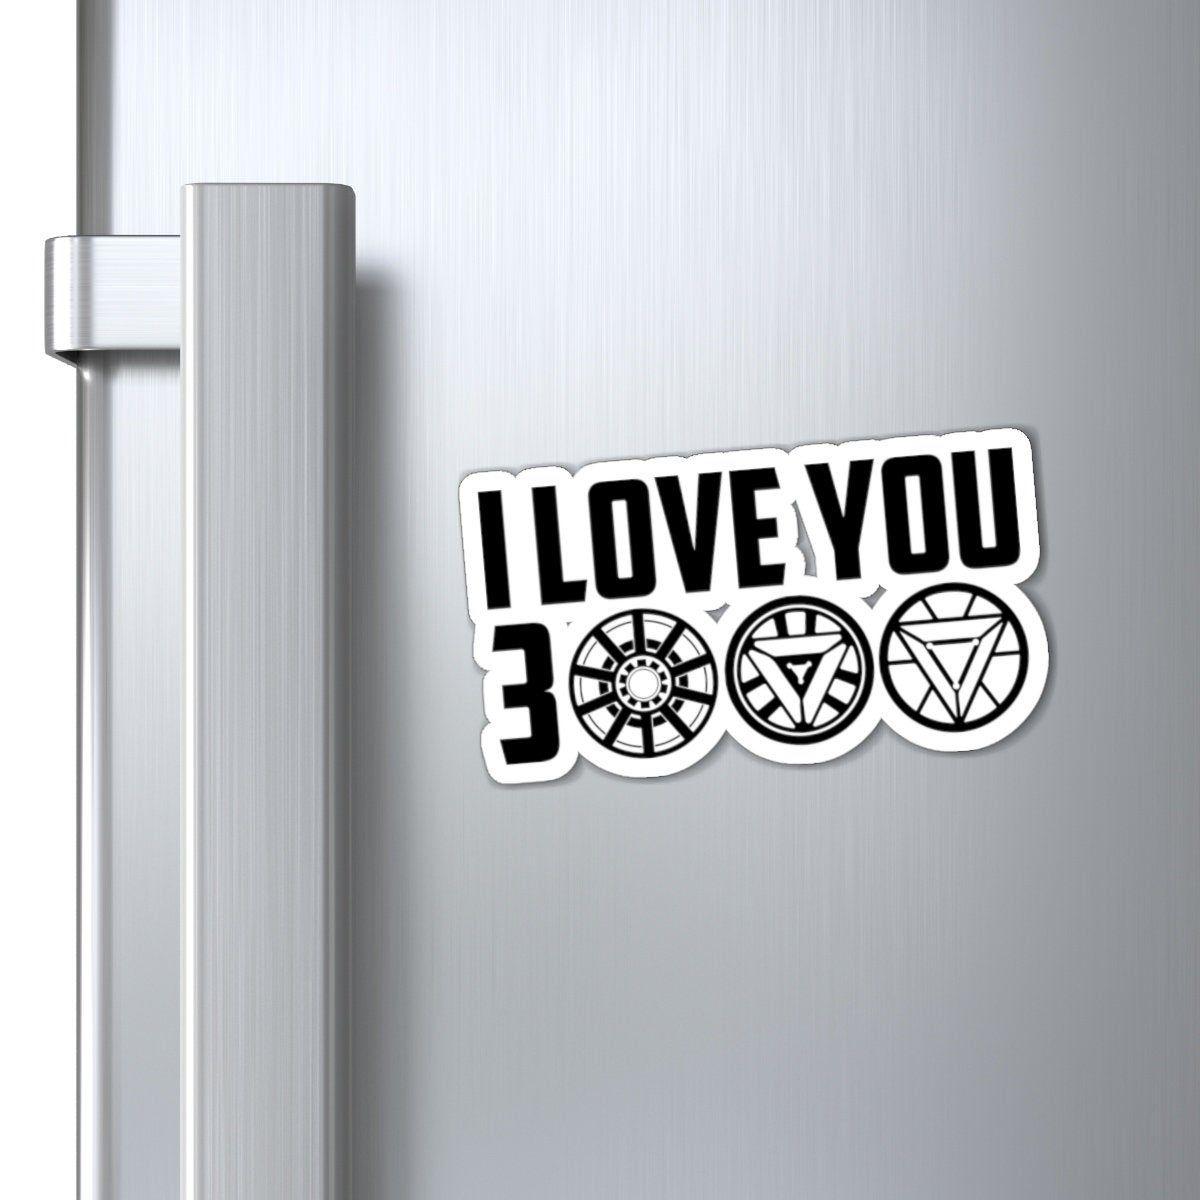 Download I Love You 3000 Avengers Endgame Magnet   Avengers, Marvel ...